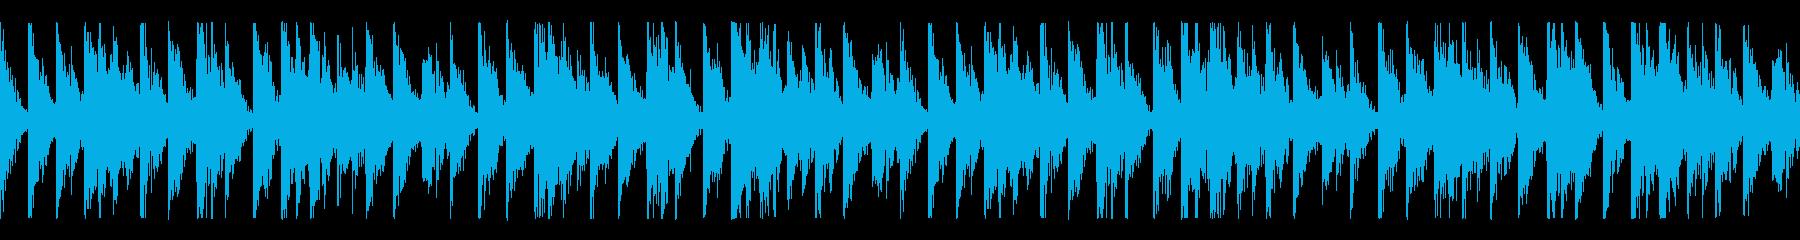 シンプルで特徴的なリズムの待機中BGMの再生済みの波形